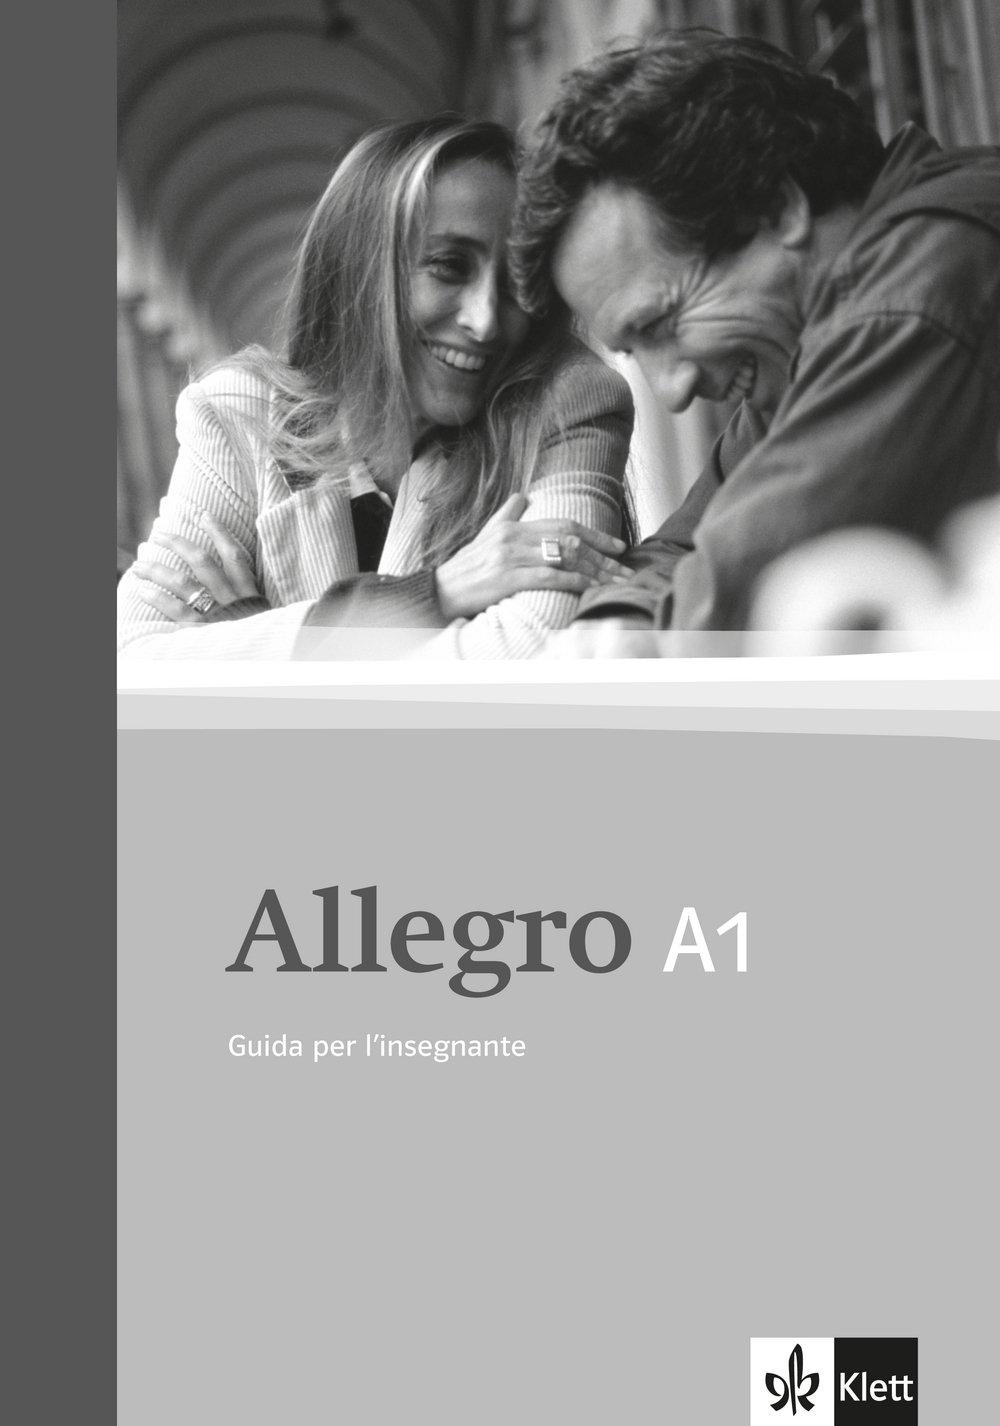 Allegro A1: Guida per l'insegnante